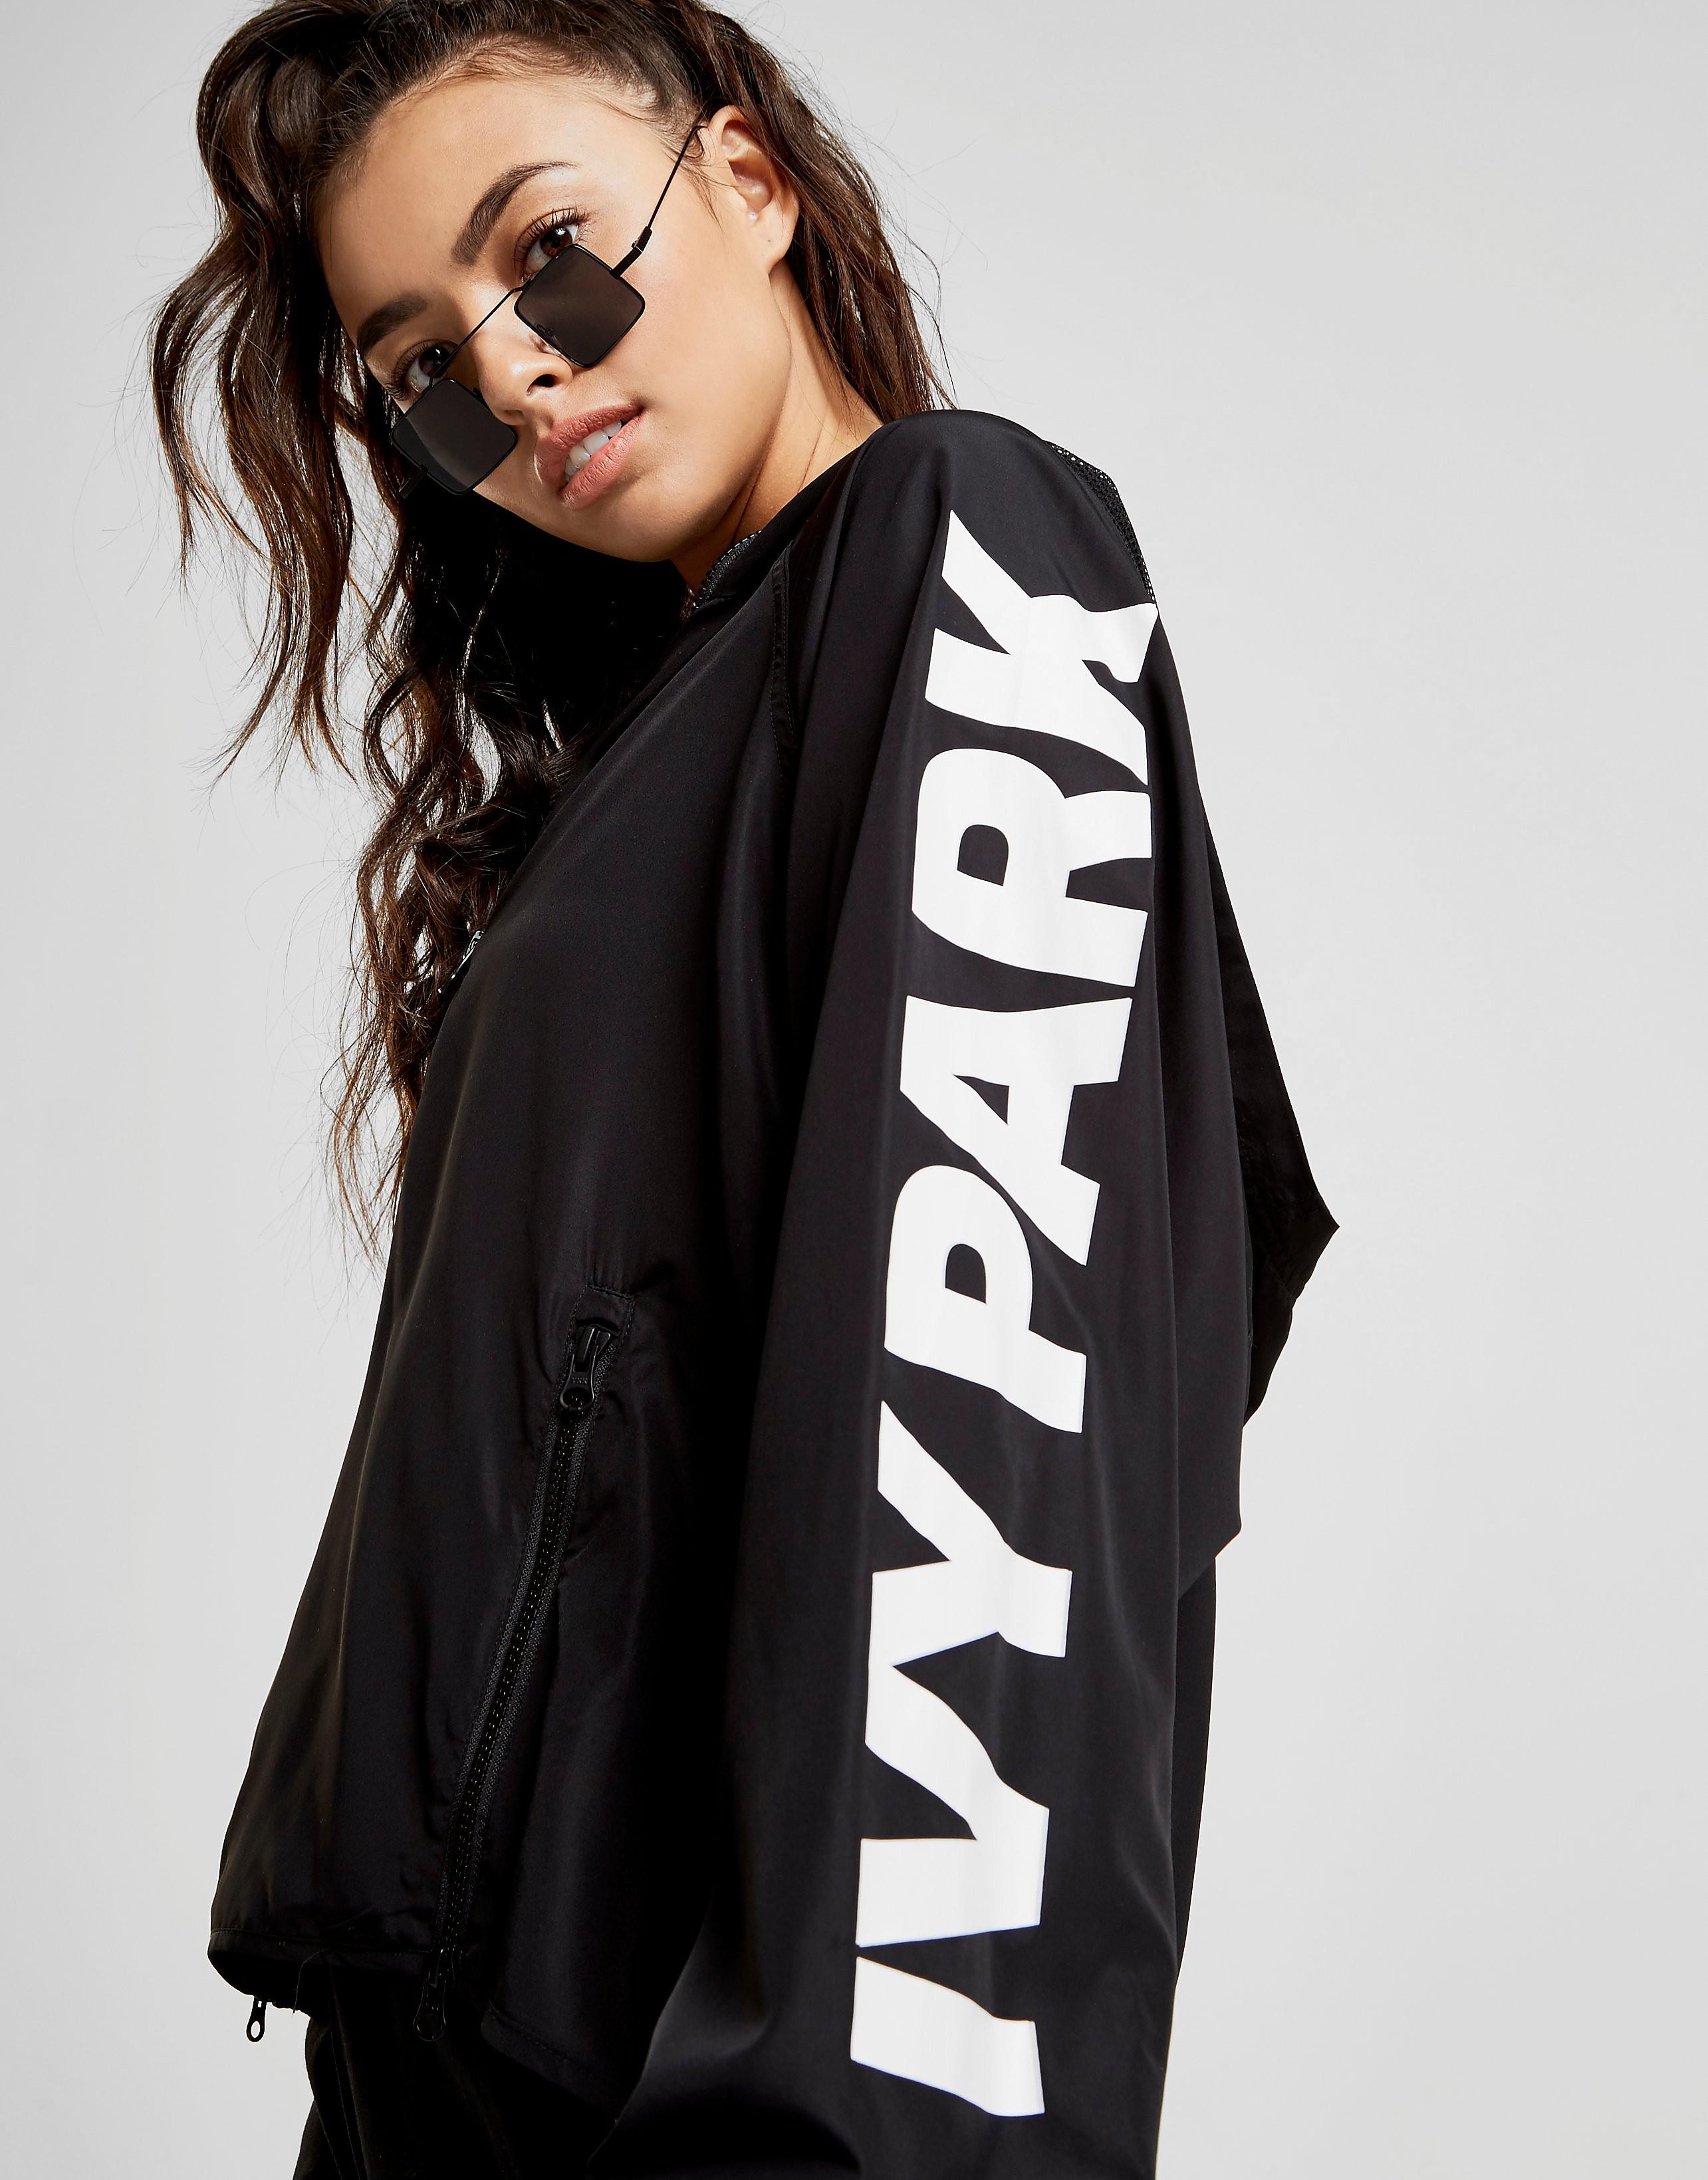 IVY PARK Logo Zip Overhead Jacket